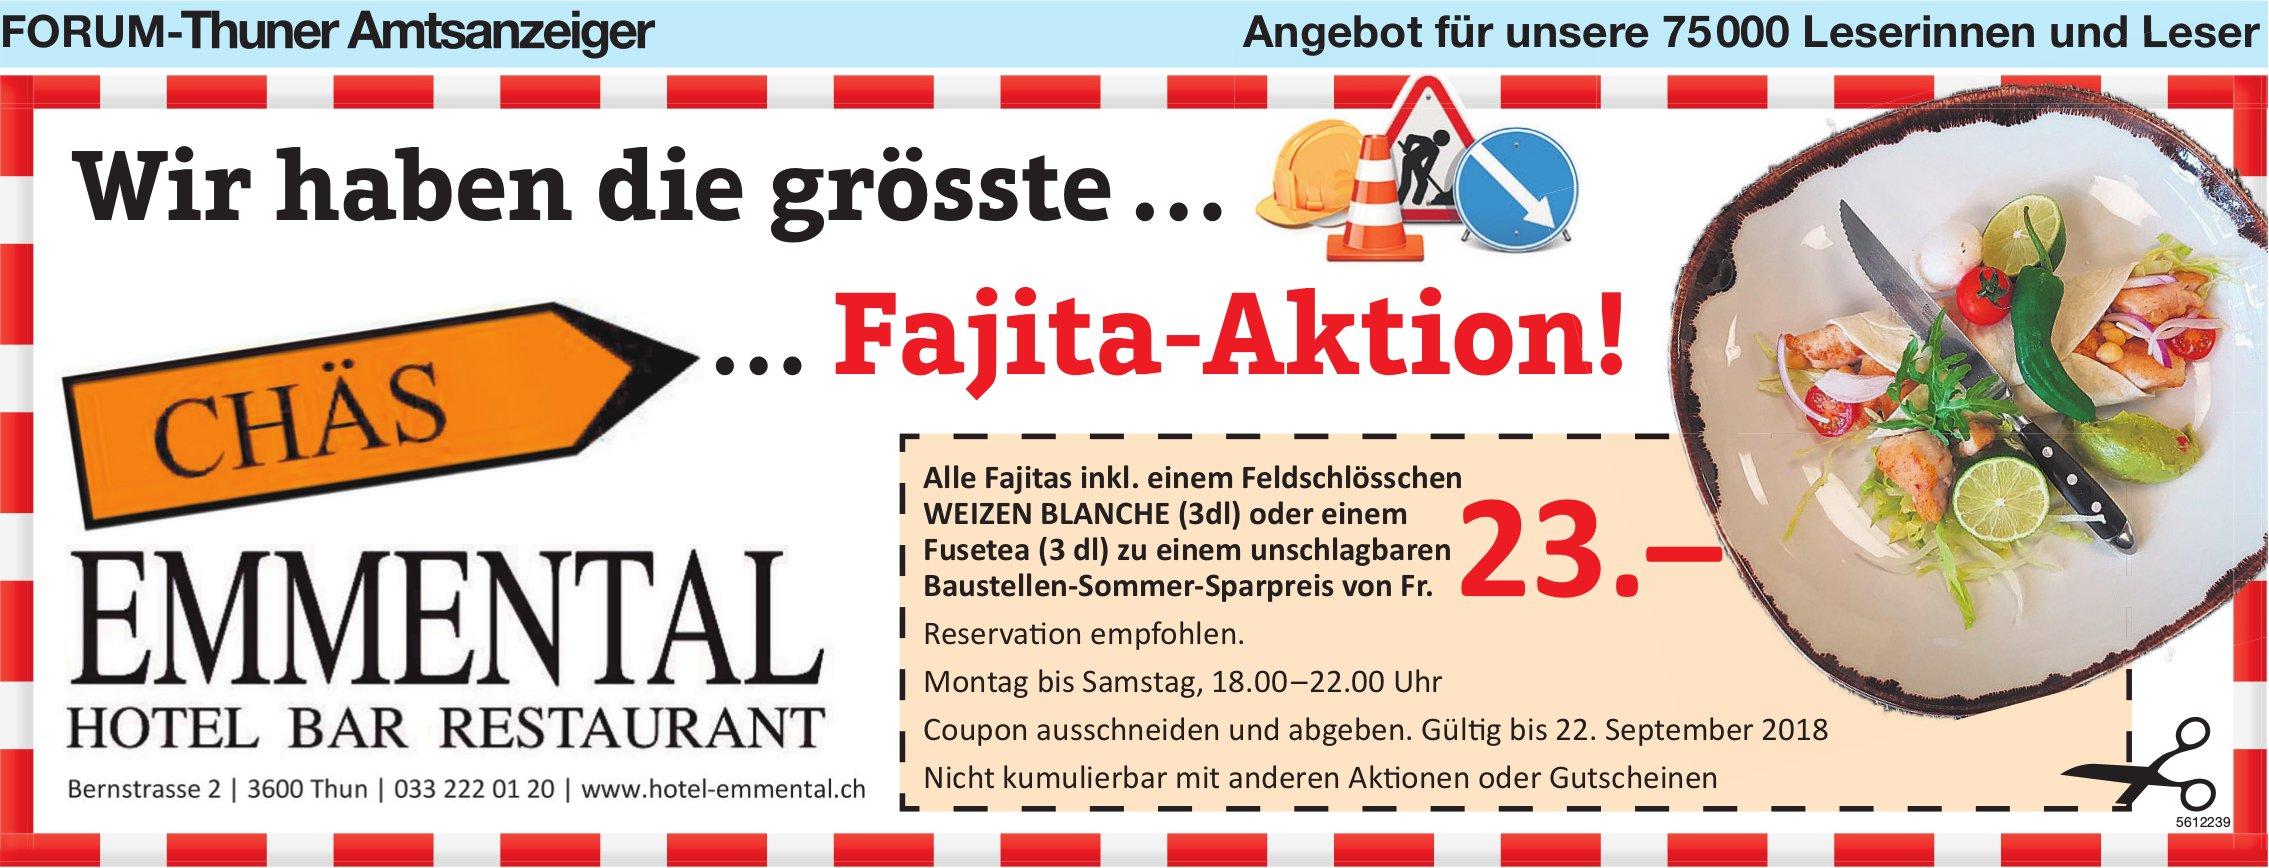 Forum-Thuner Amtsanzeiger - Chäs Emmental: Wir haben die grösste … … Fajita-Aktion!